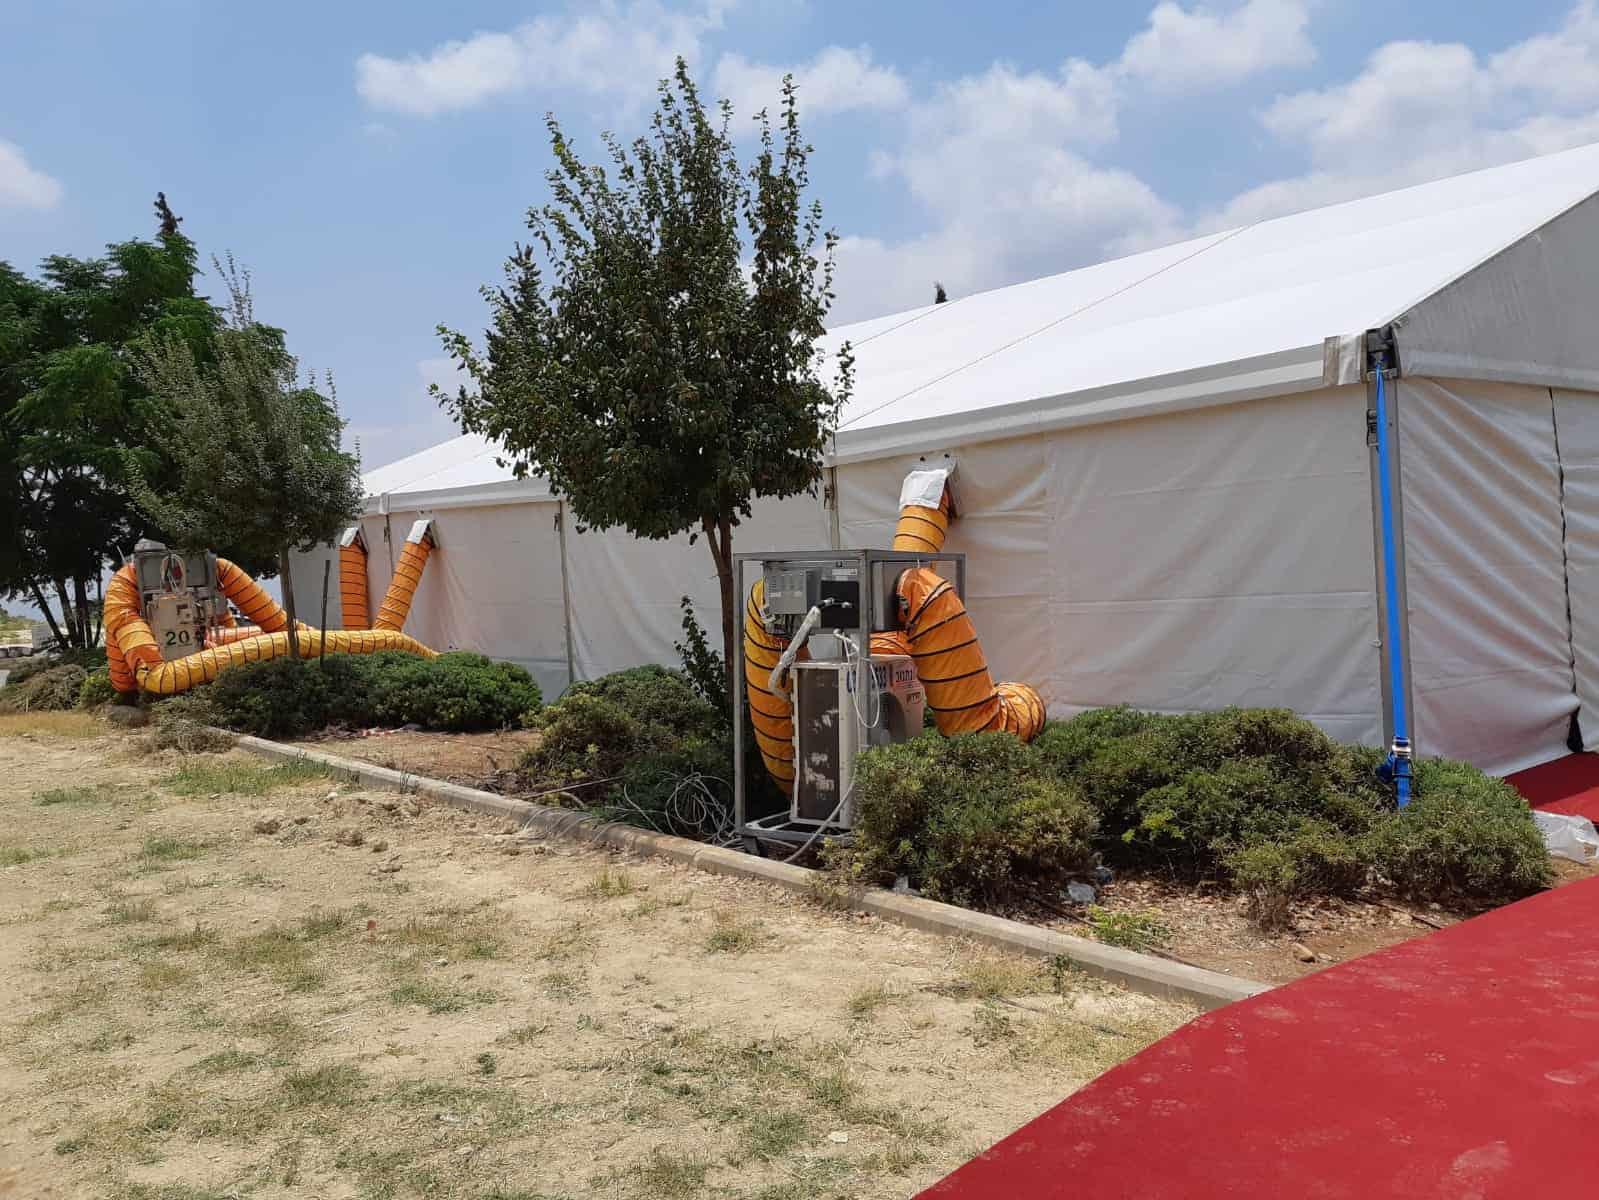 אוהלים להשכרה| גנרטורים להשכרה | במות להשכרה | גדרות להשכרה | ציוד נלווה לאירועים